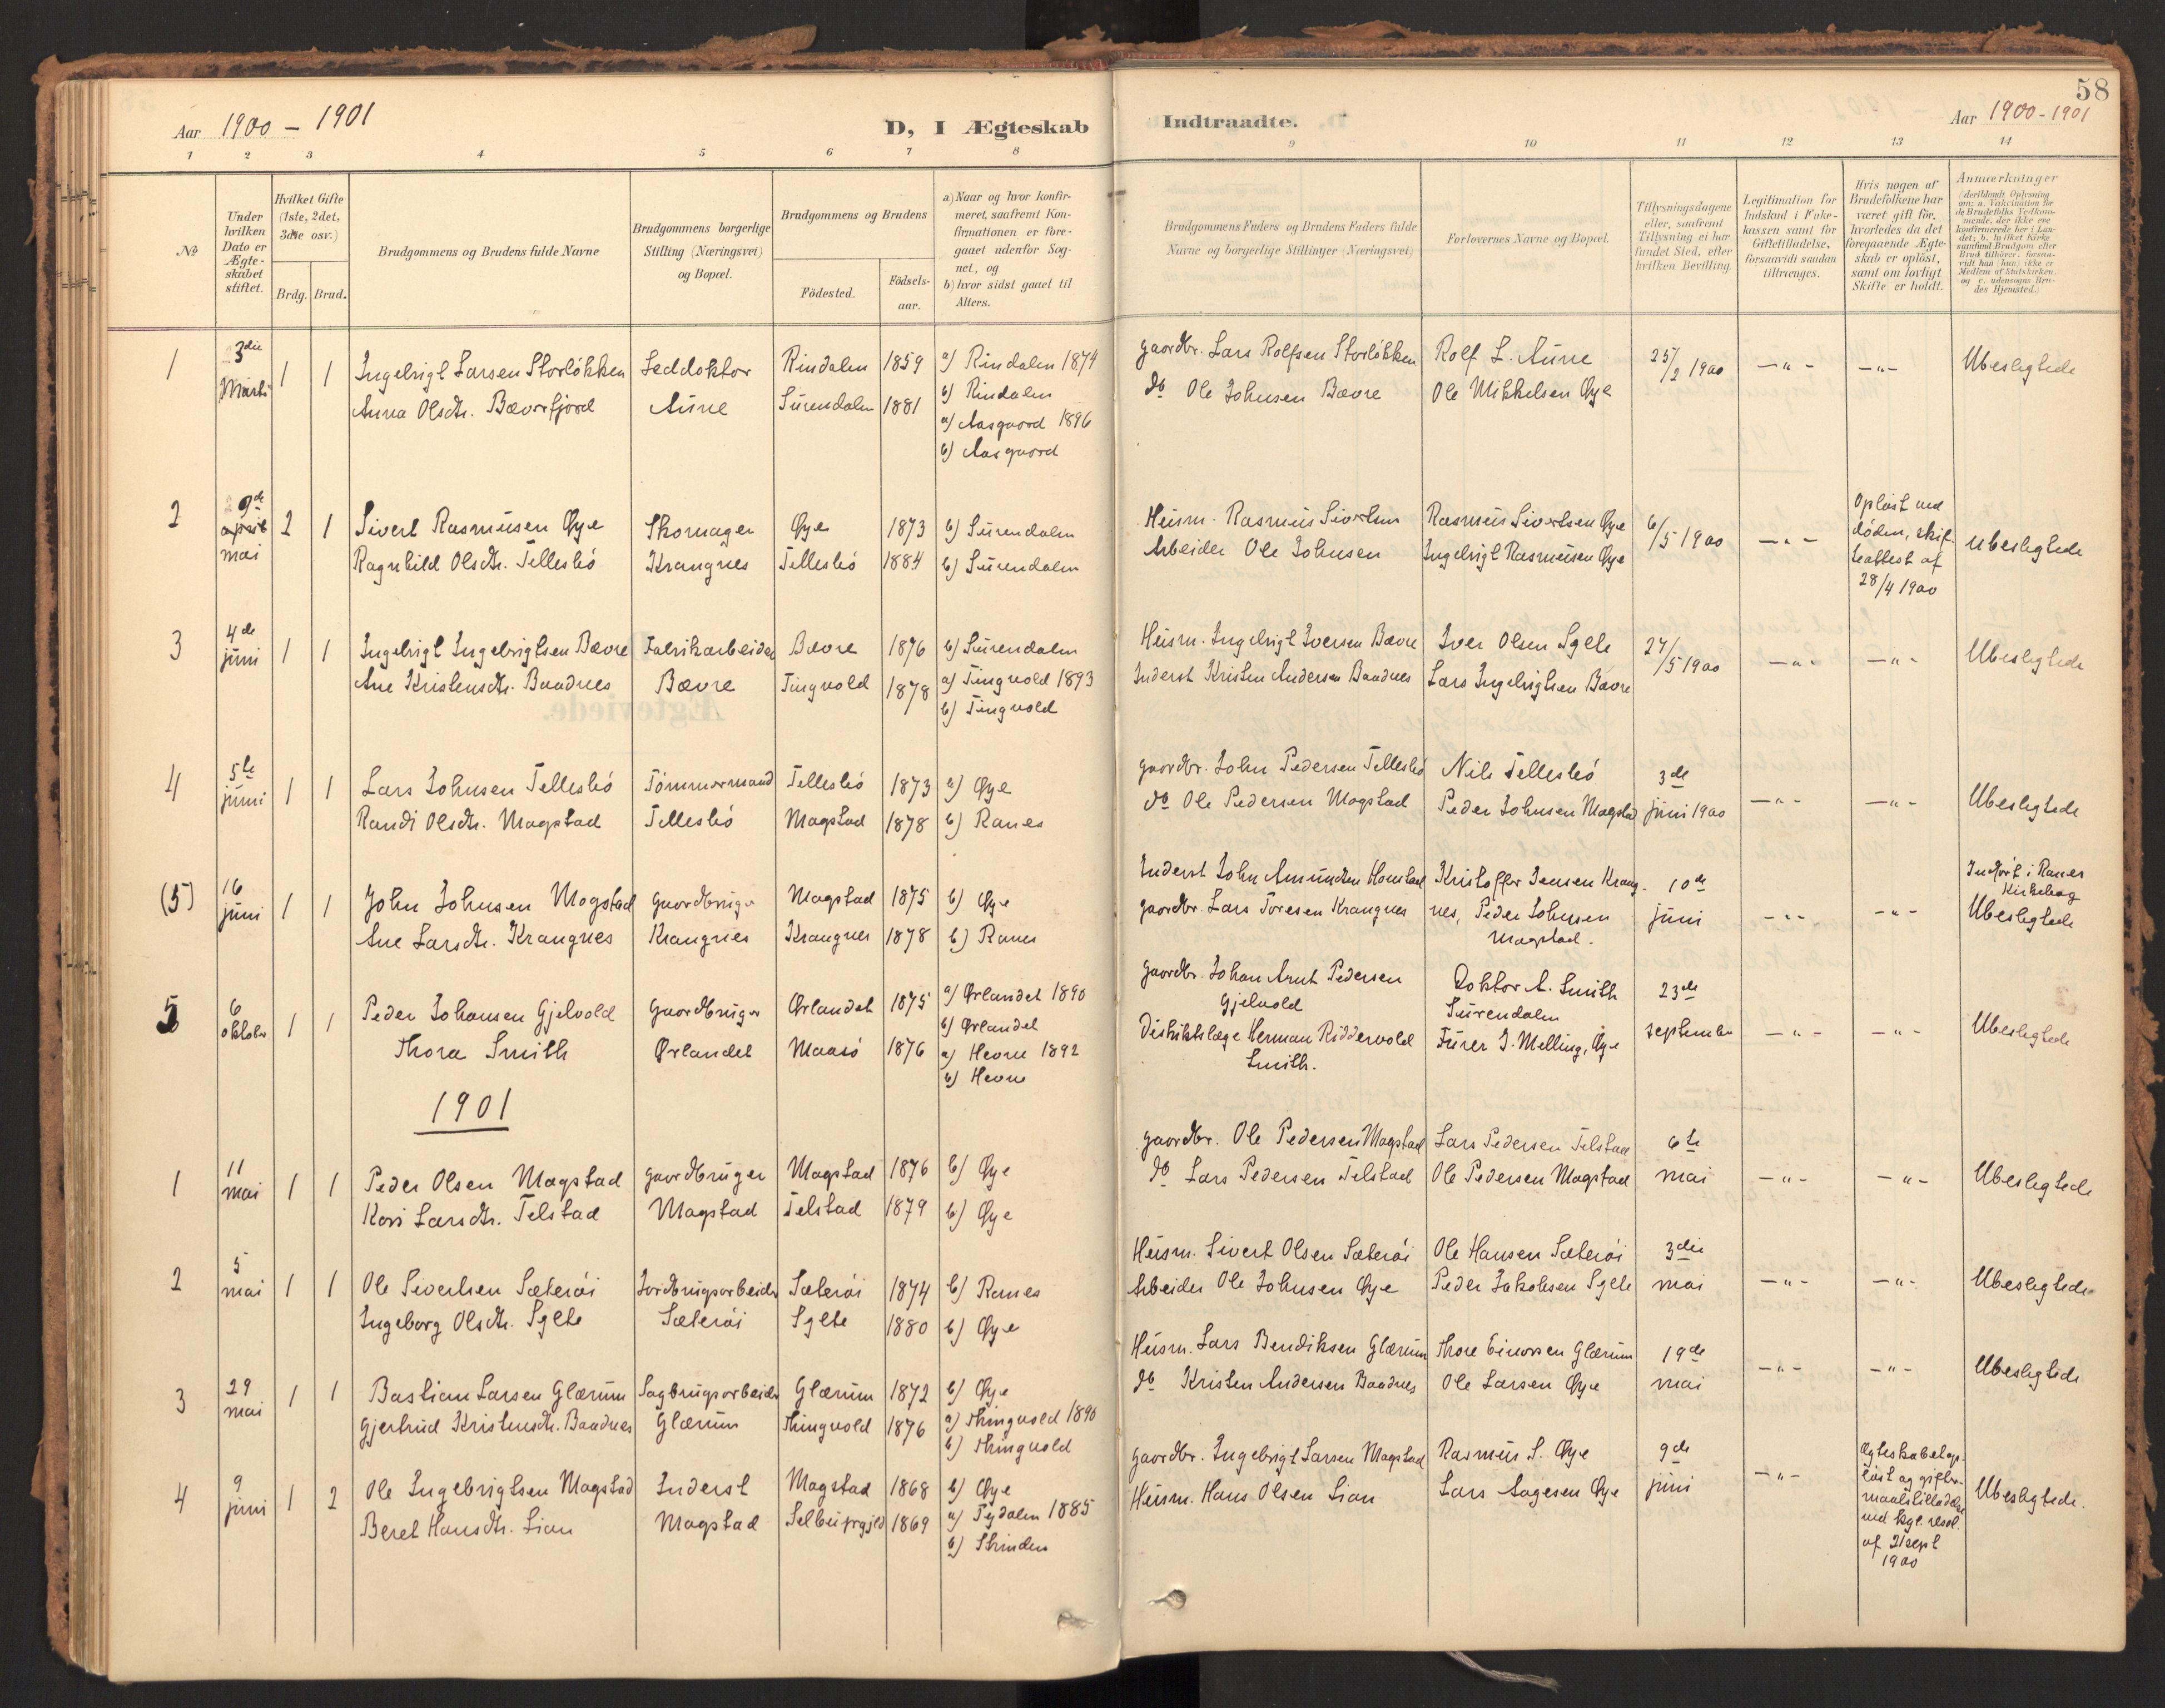 SAT, Ministerialprotokoller, klokkerbøker og fødselsregistre - Møre og Romsdal, 595/L1048: Ministerialbok nr. 595A10, 1900-1917, s. 58